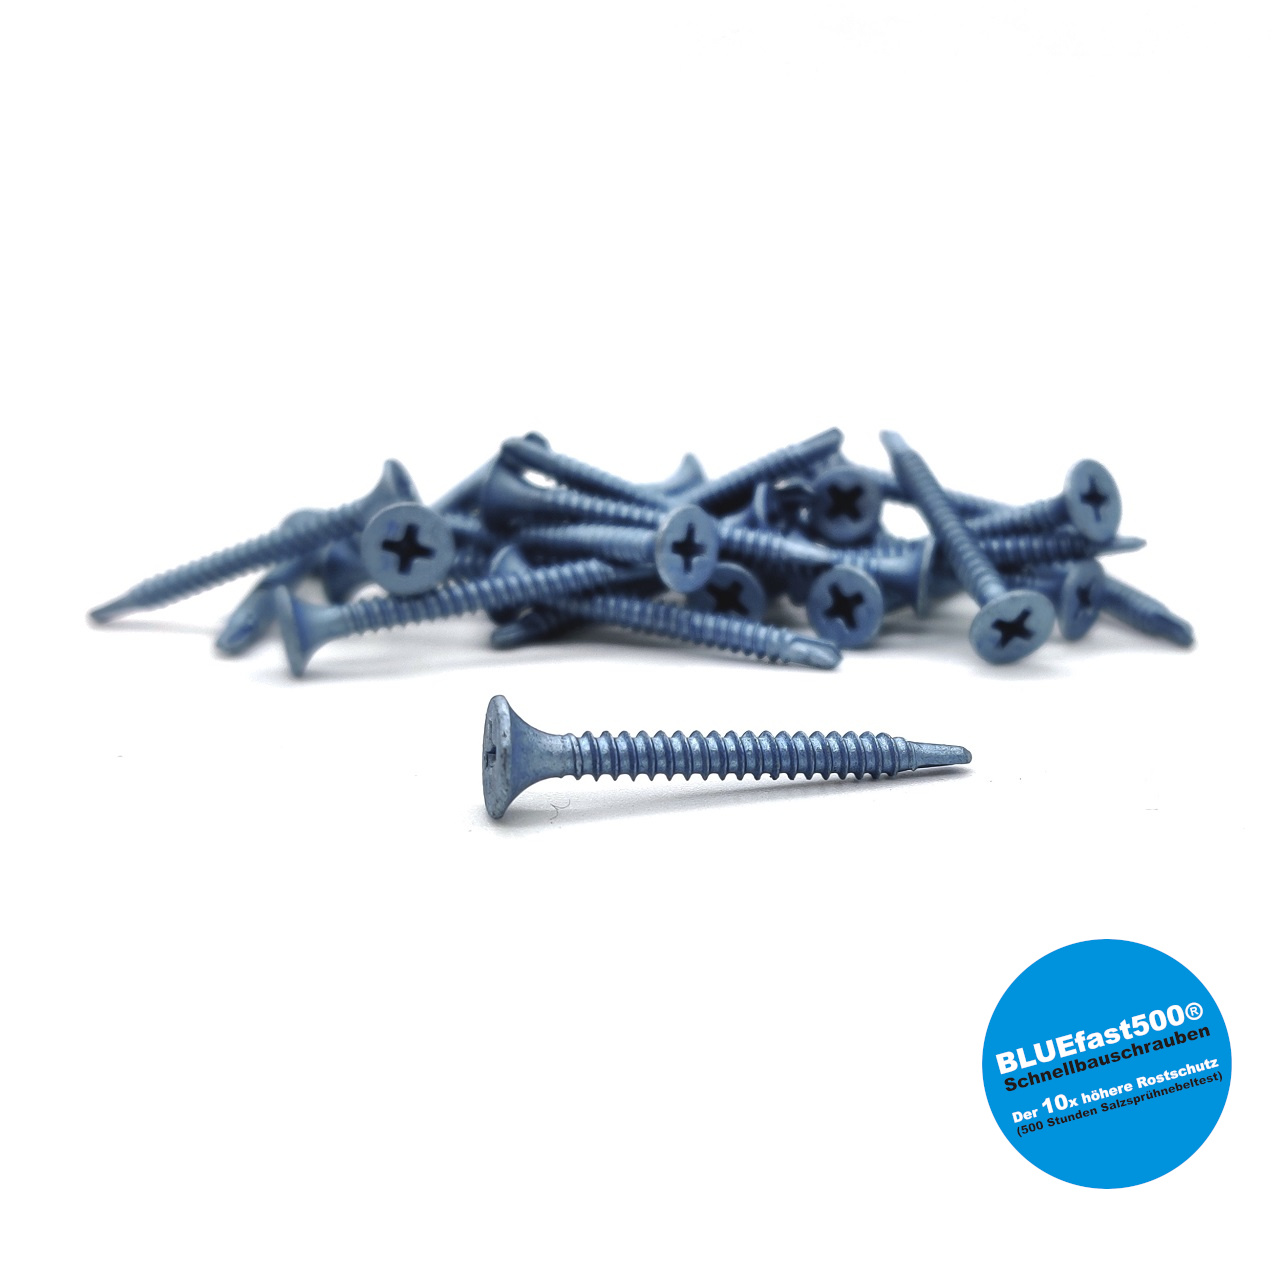 BLUEfast500® Schnellbauschrauben | Bohrspitze | 3,5x35 | 1.000 Stk